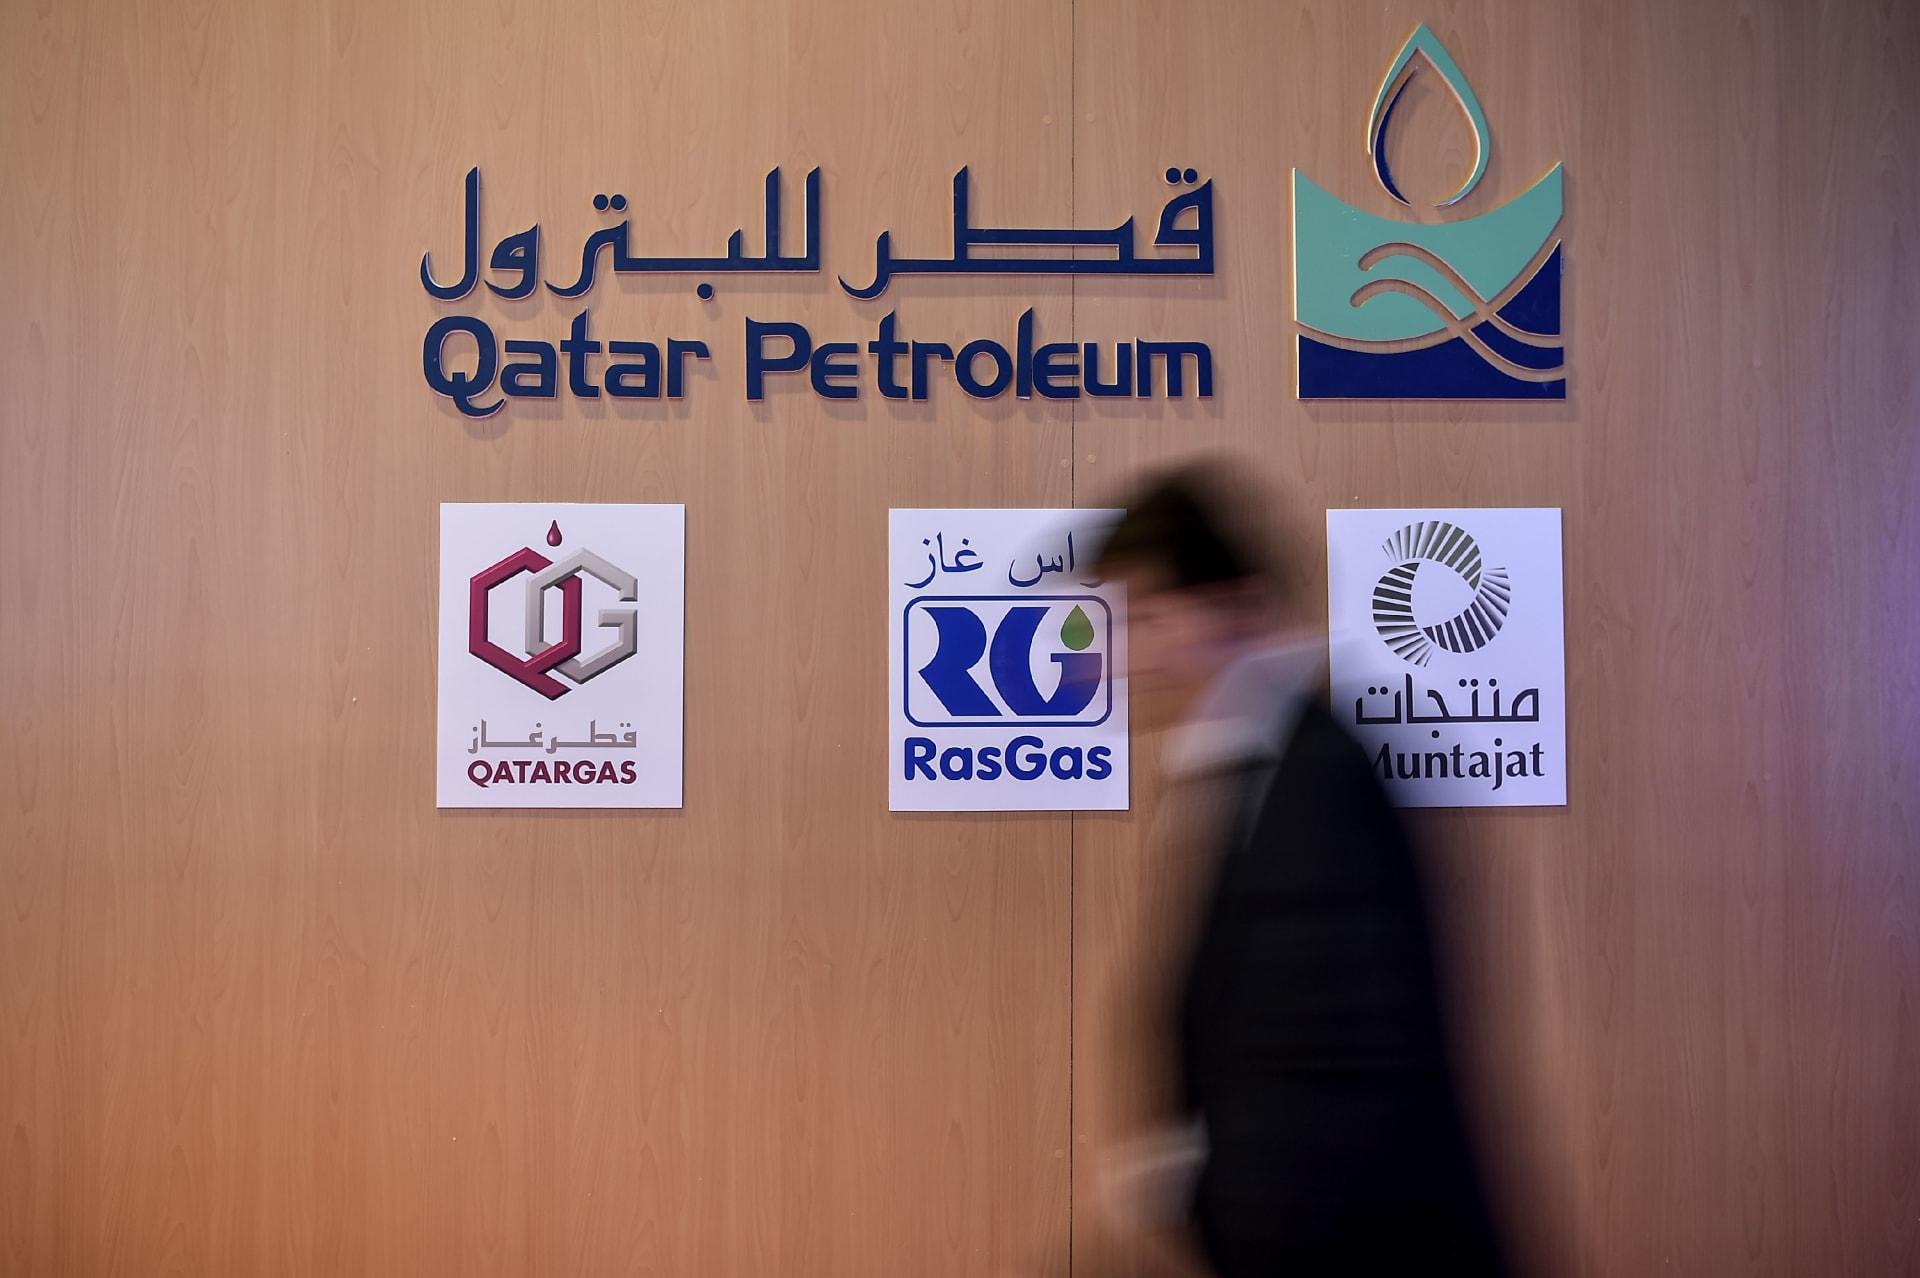 """أكبر استثماراتها بدولة عربية.. """"قطر للبترول"""" تعلن نجاح تشغيل مشروع مصفاة نفط في مصر"""